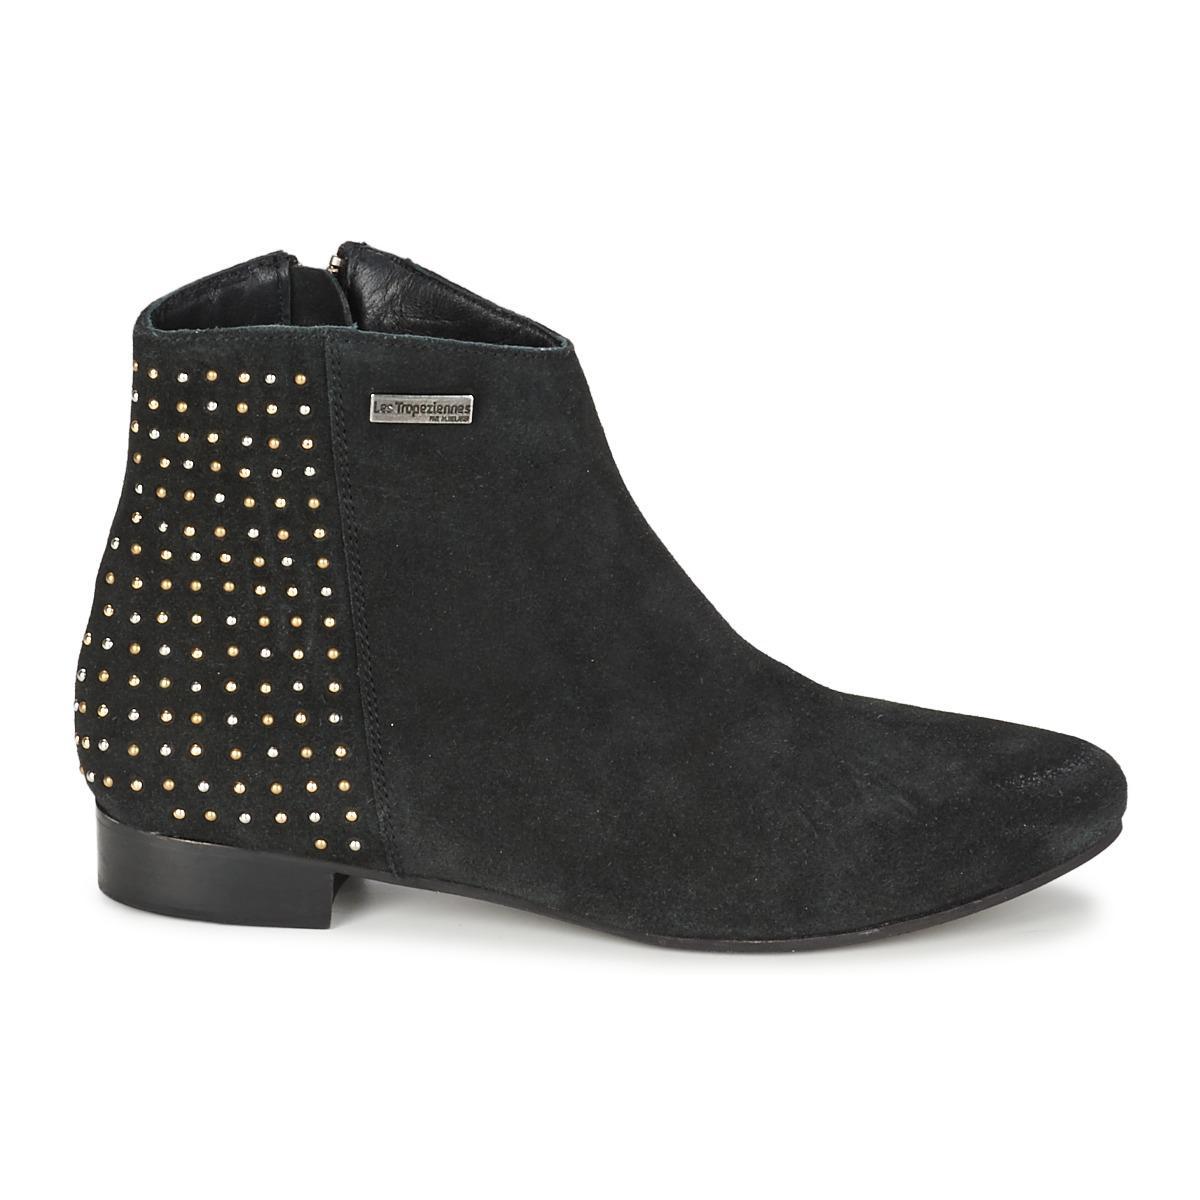 Les Tropéziennes Par M Belarbi Leather Leana Women's Mid Boots In Black